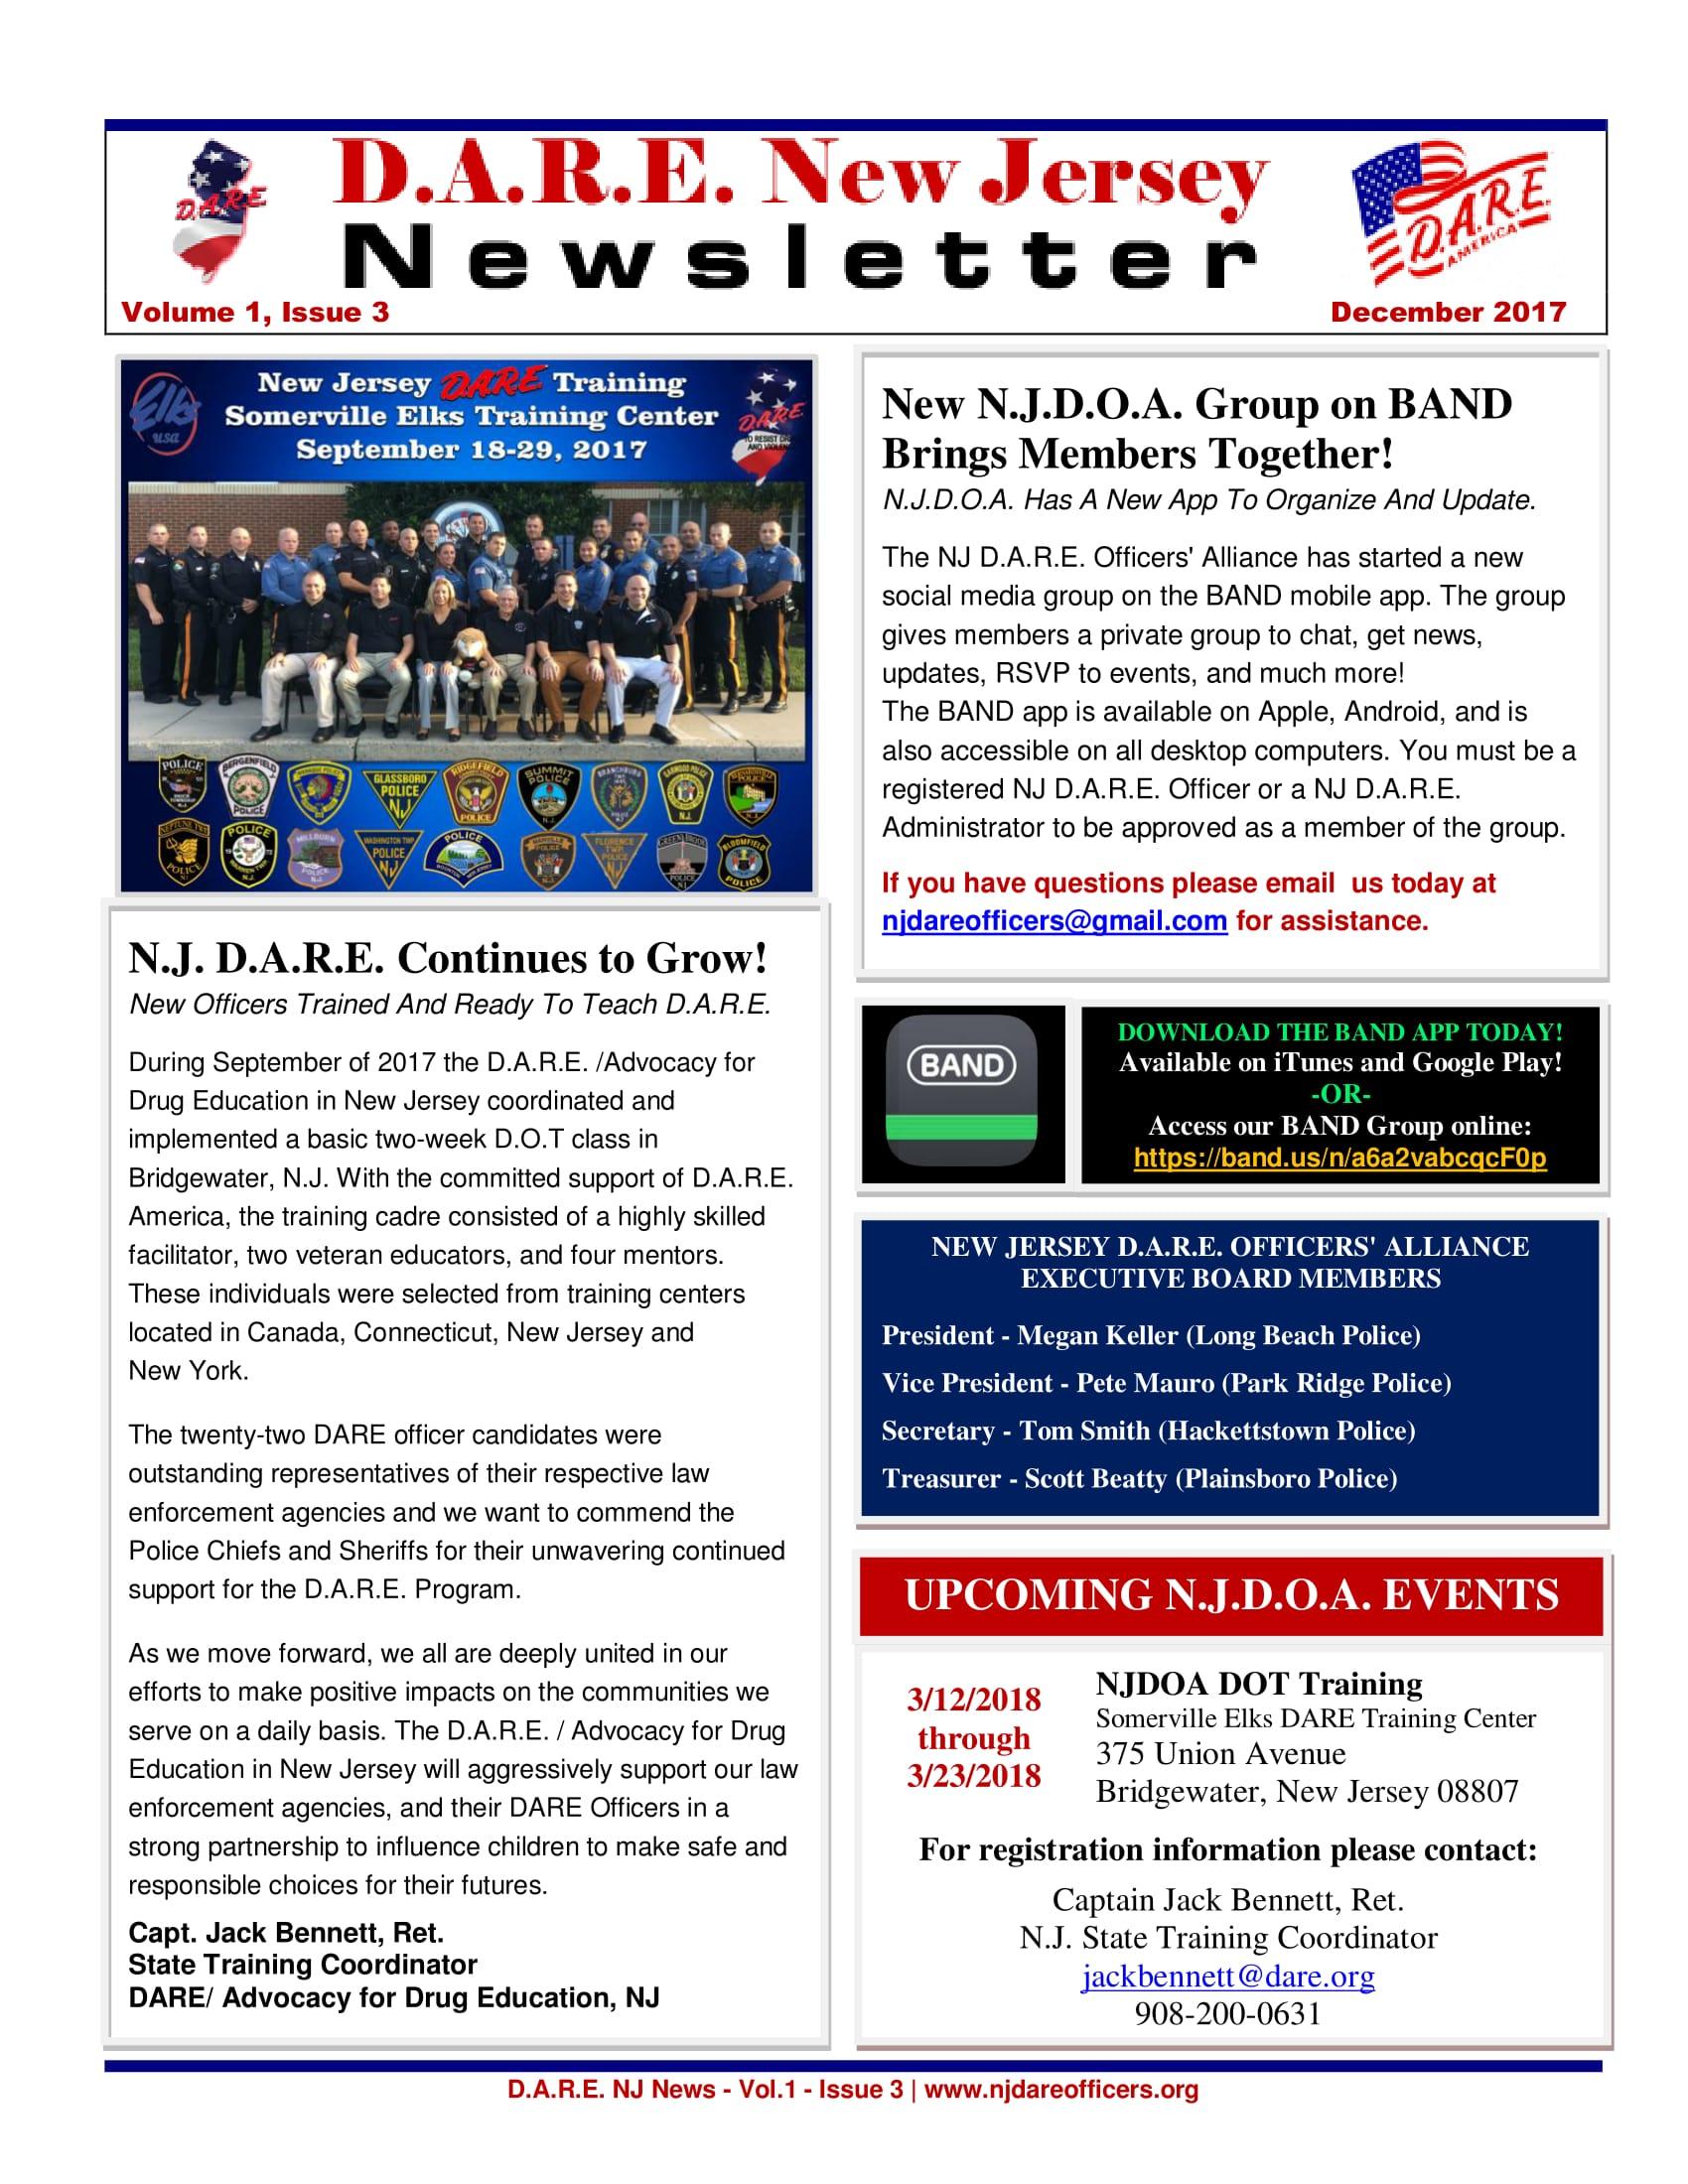 D.A.R.E. New Jersey Newsletter, Volume 1, Issue 3 (December 2017)